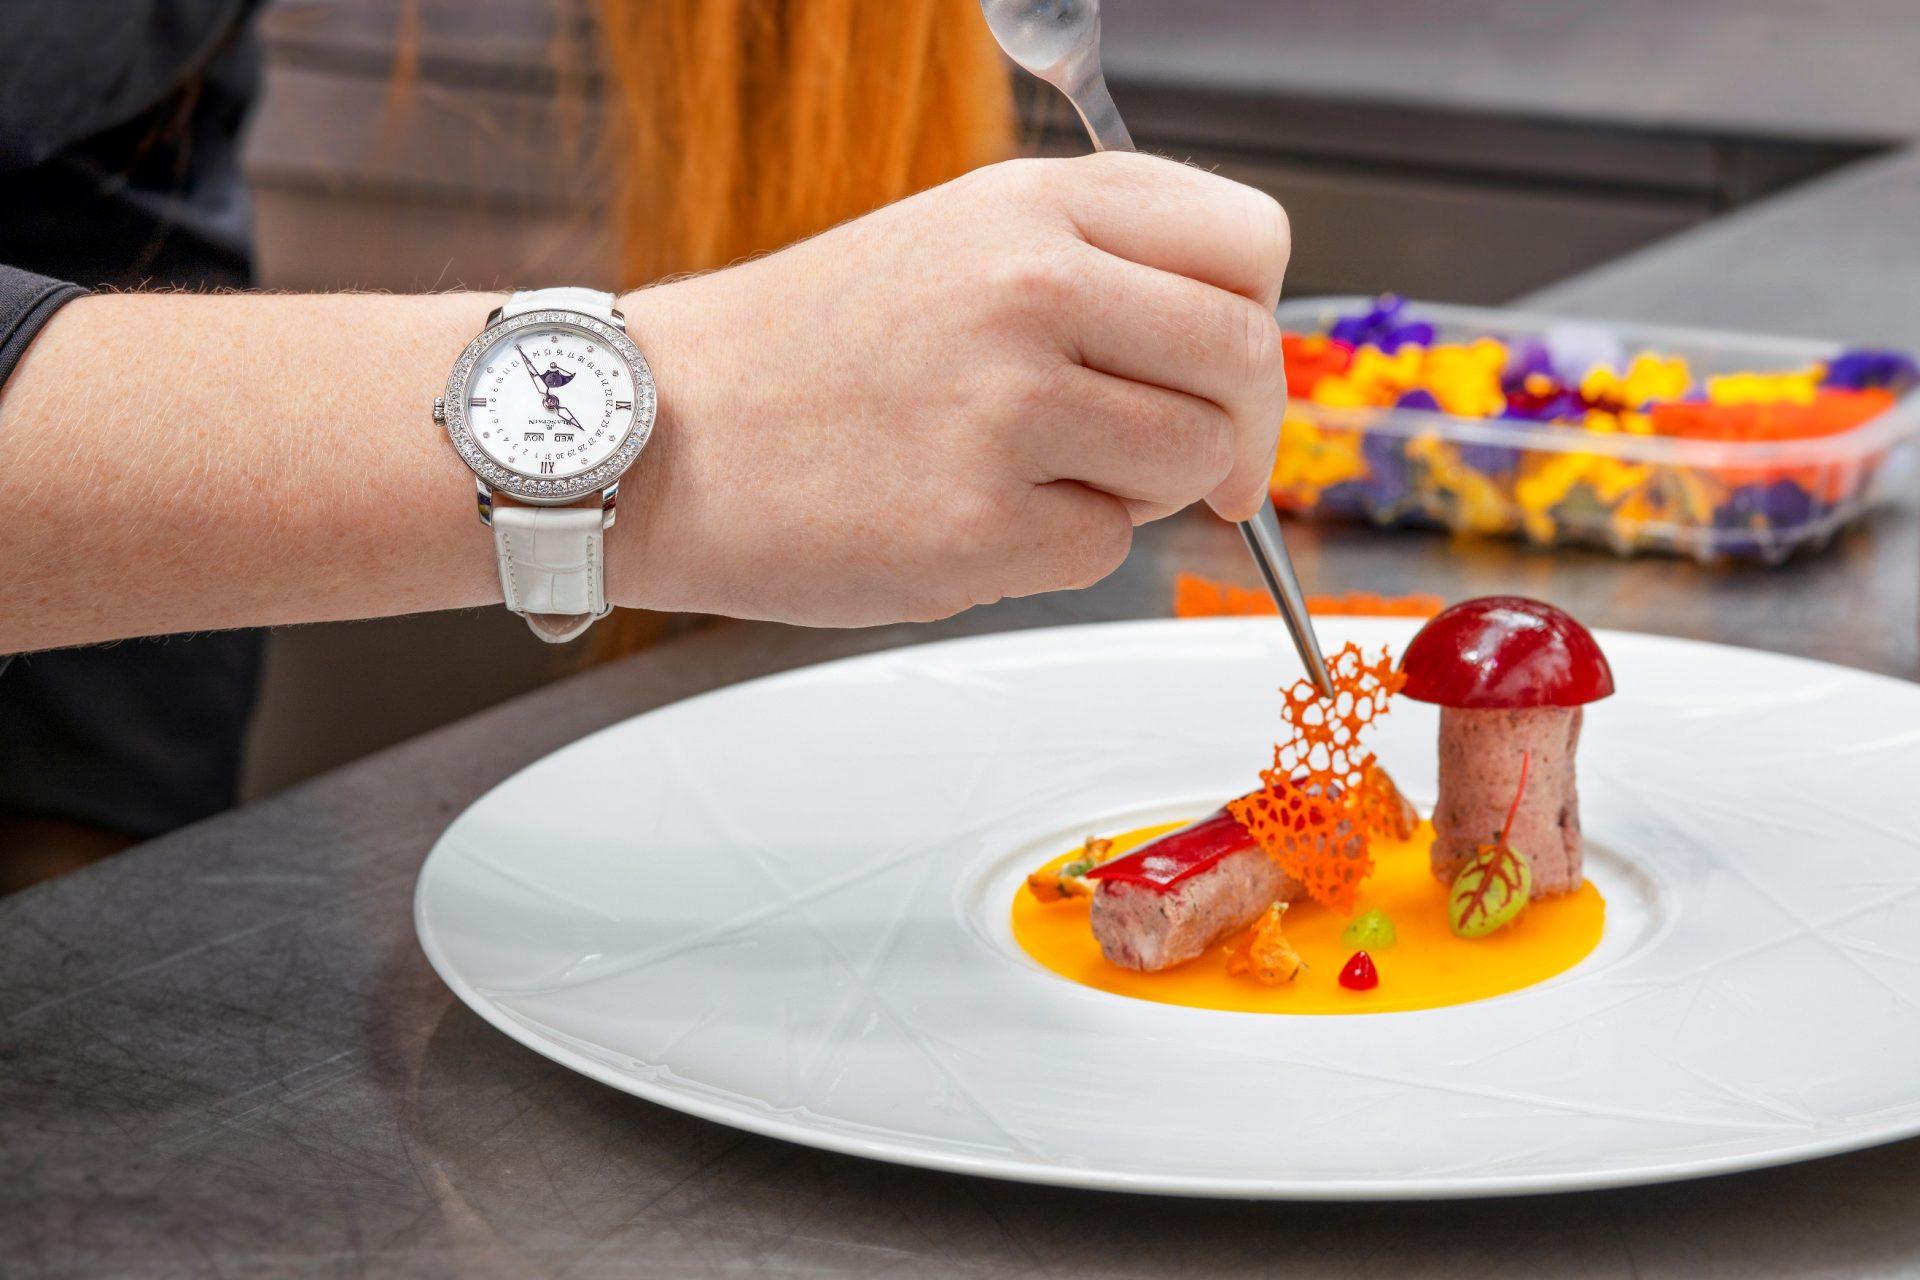 米其林摘星名廚的御用計時:Blancpain 獨佔熠熠星空